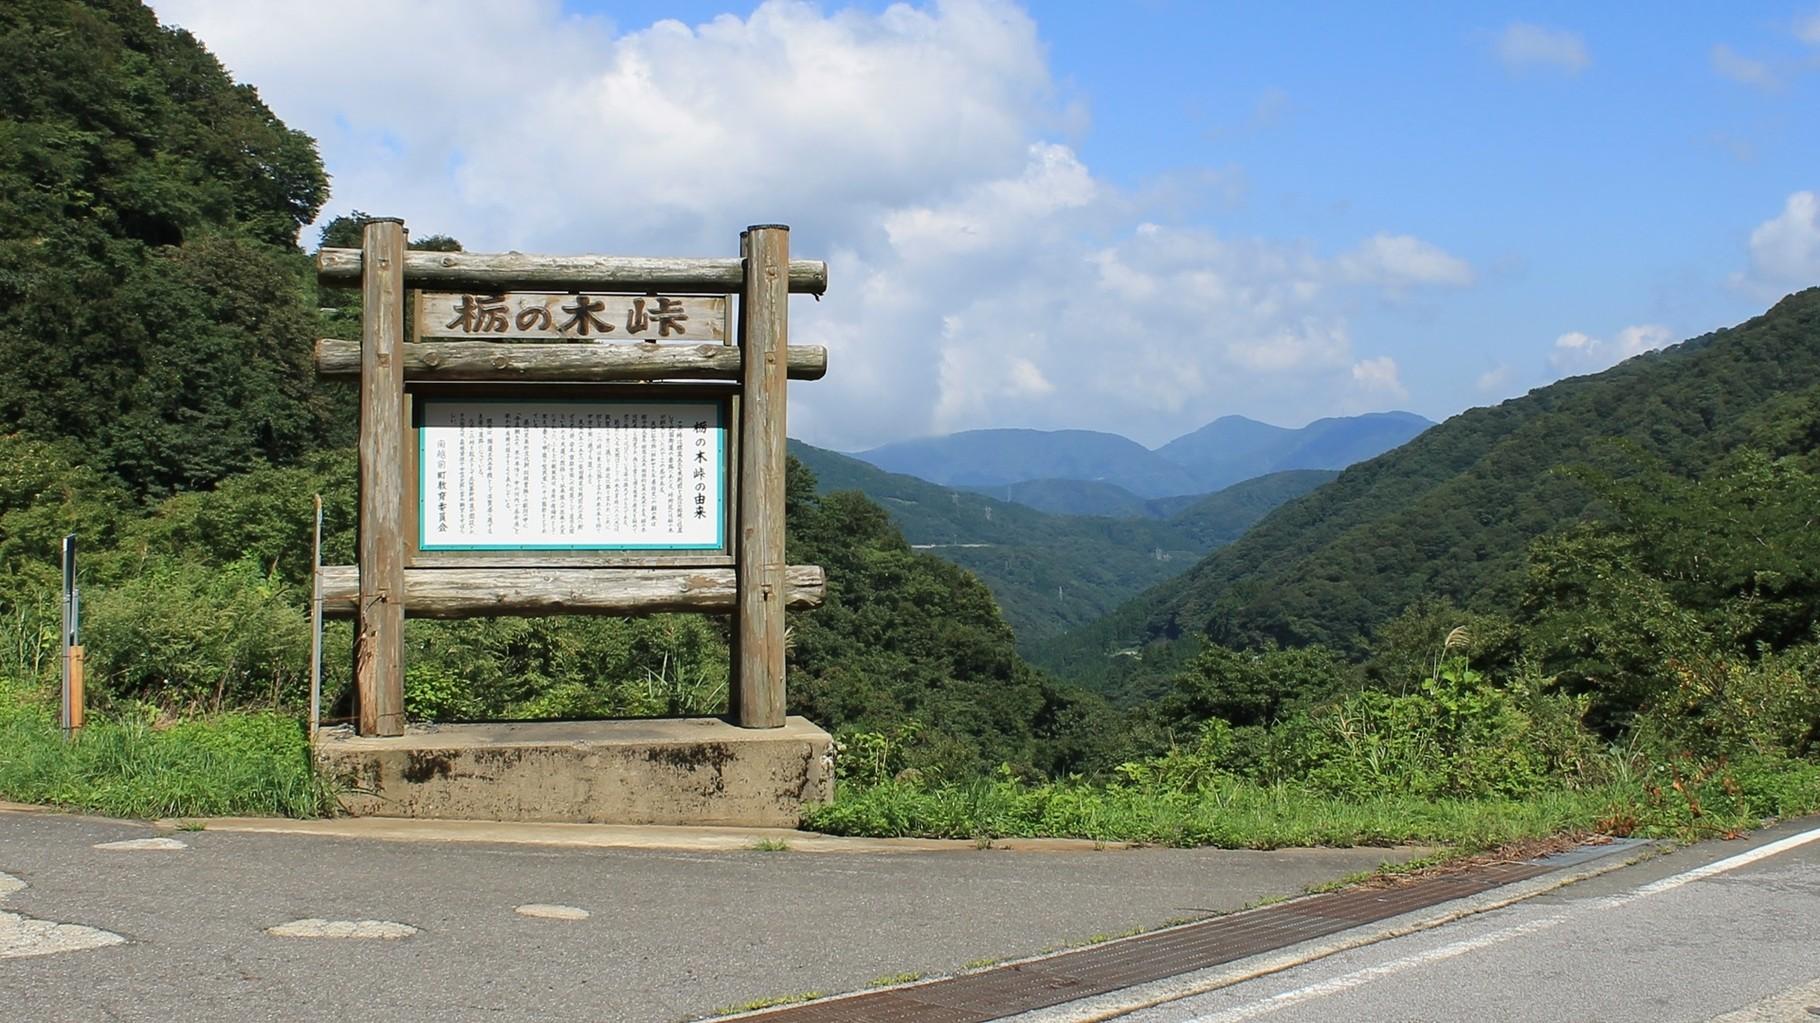 柴田勝家が整備した栃ノ木峠 福井県と滋賀県の県境